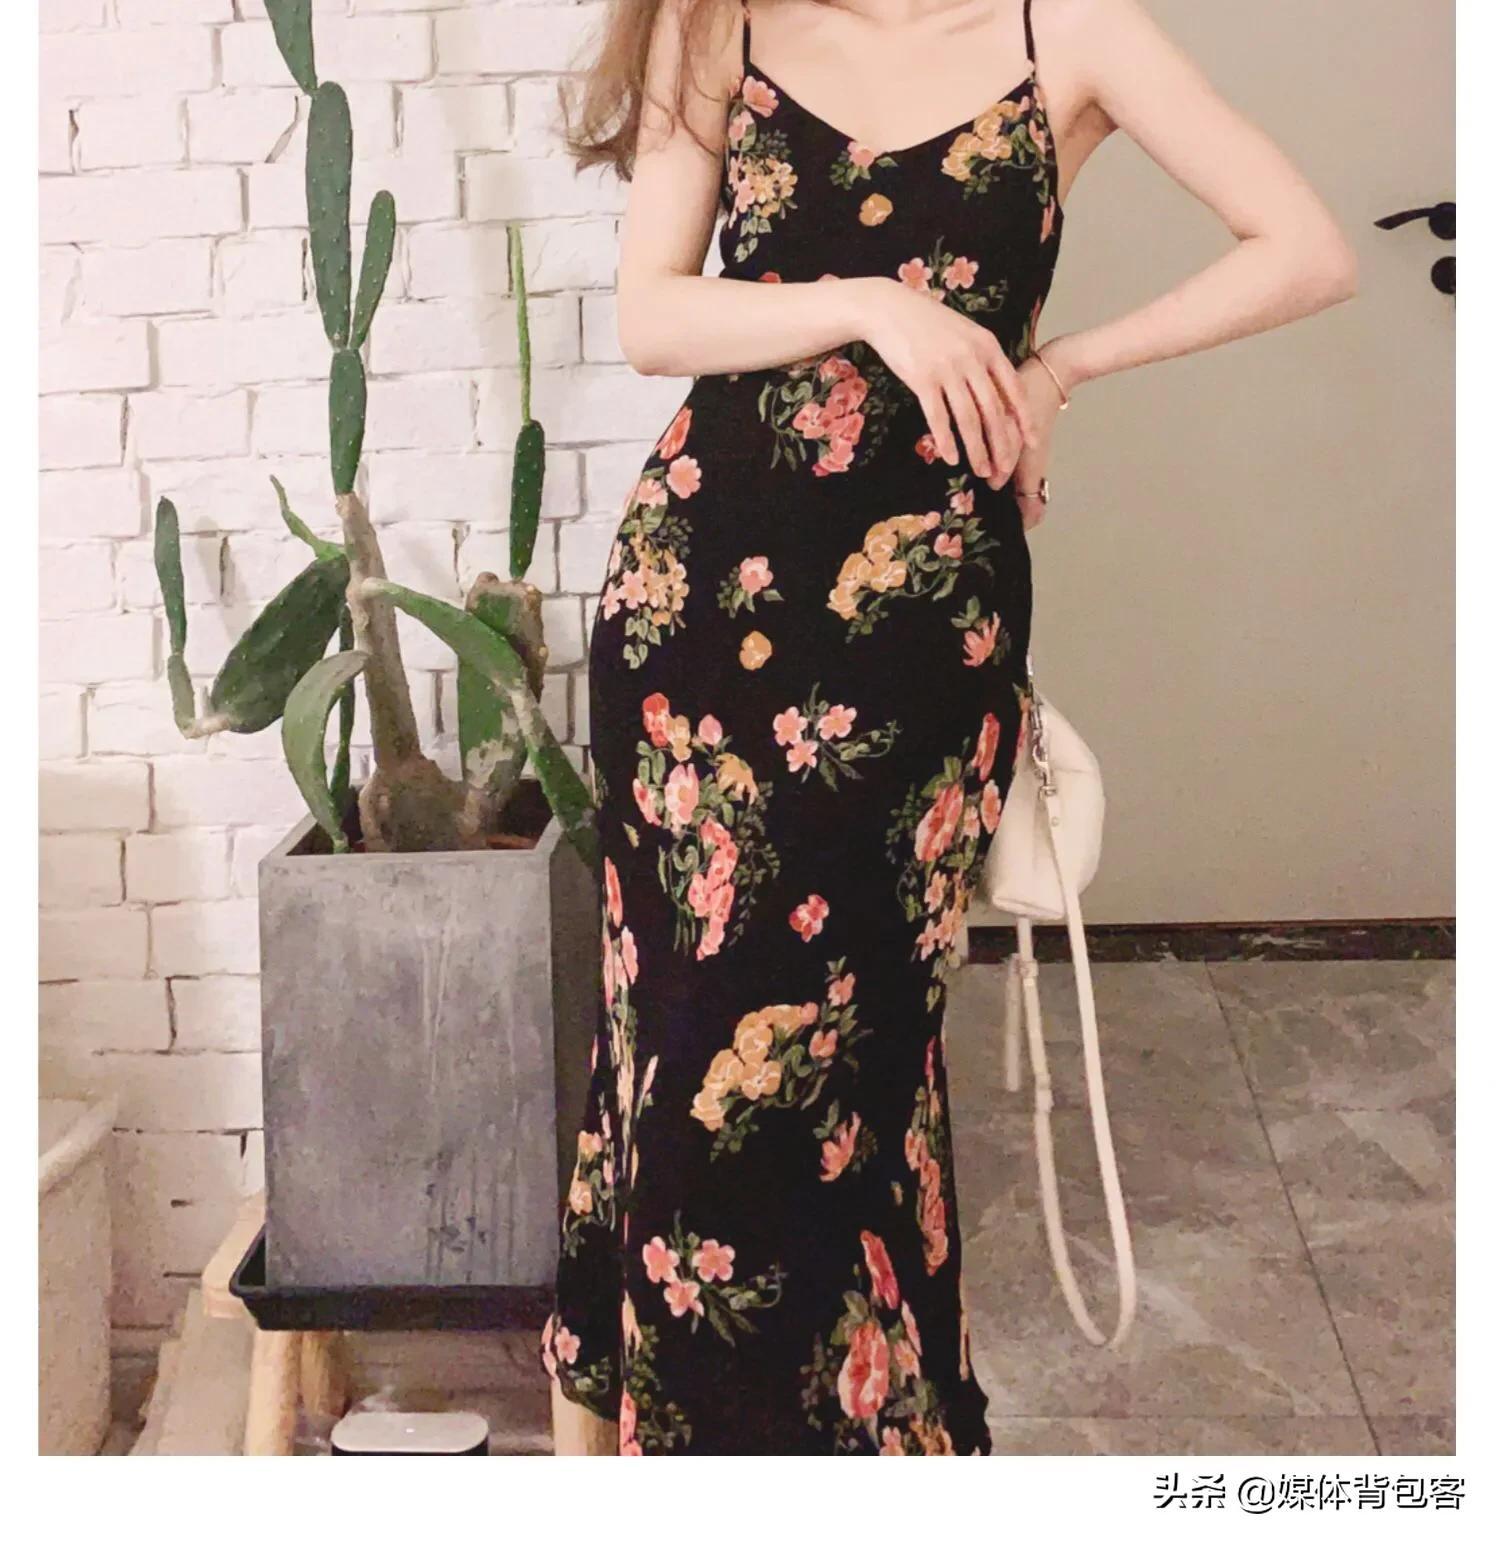 刘德华、郭富城、周慧敏…港星们90年代的着装如今又开始撞衫了